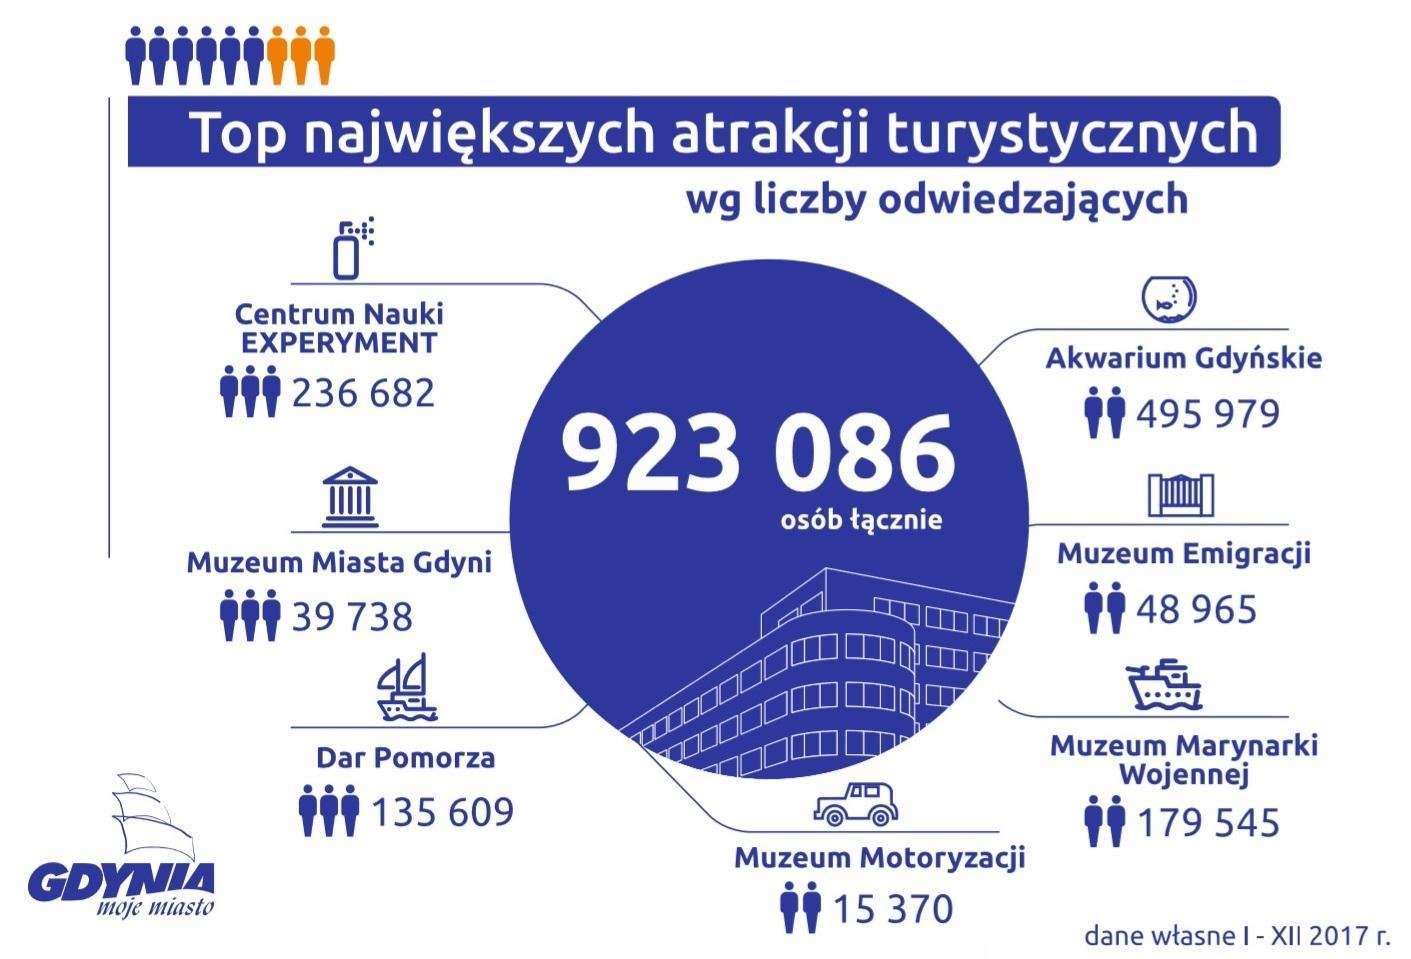 Statystyki dot. liczby odwiedzających atrakcje w 2017 roku, dane własne UM